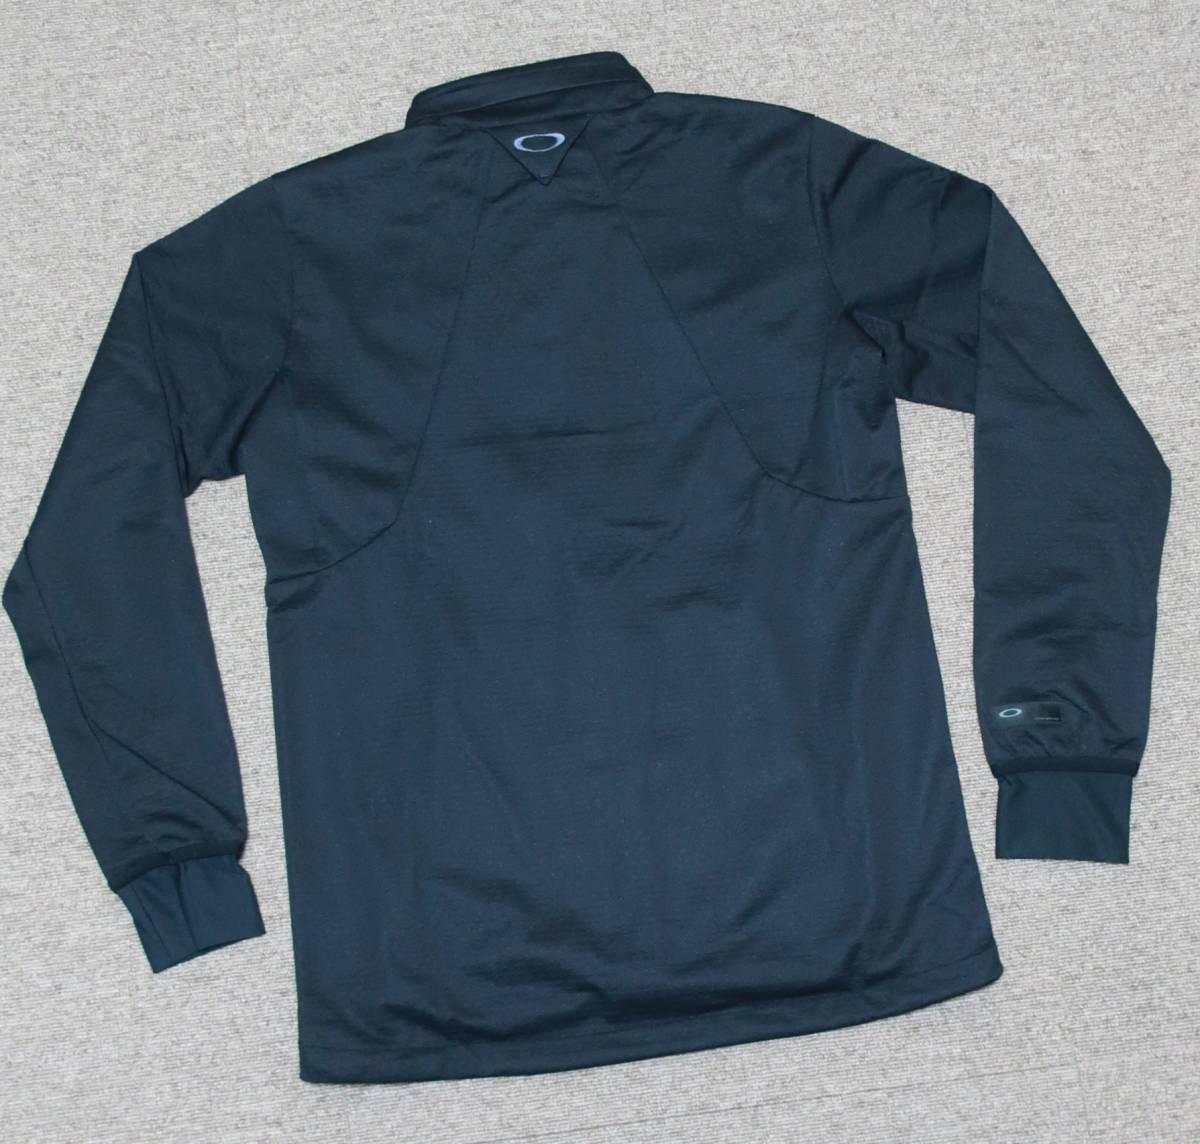 M / OAKLEY GOLF(オークリー ゴルフ) Skull Bonded Wind Jacket 3D Pants スカル セットアップ上下セット /412636JP 422505JP-02E